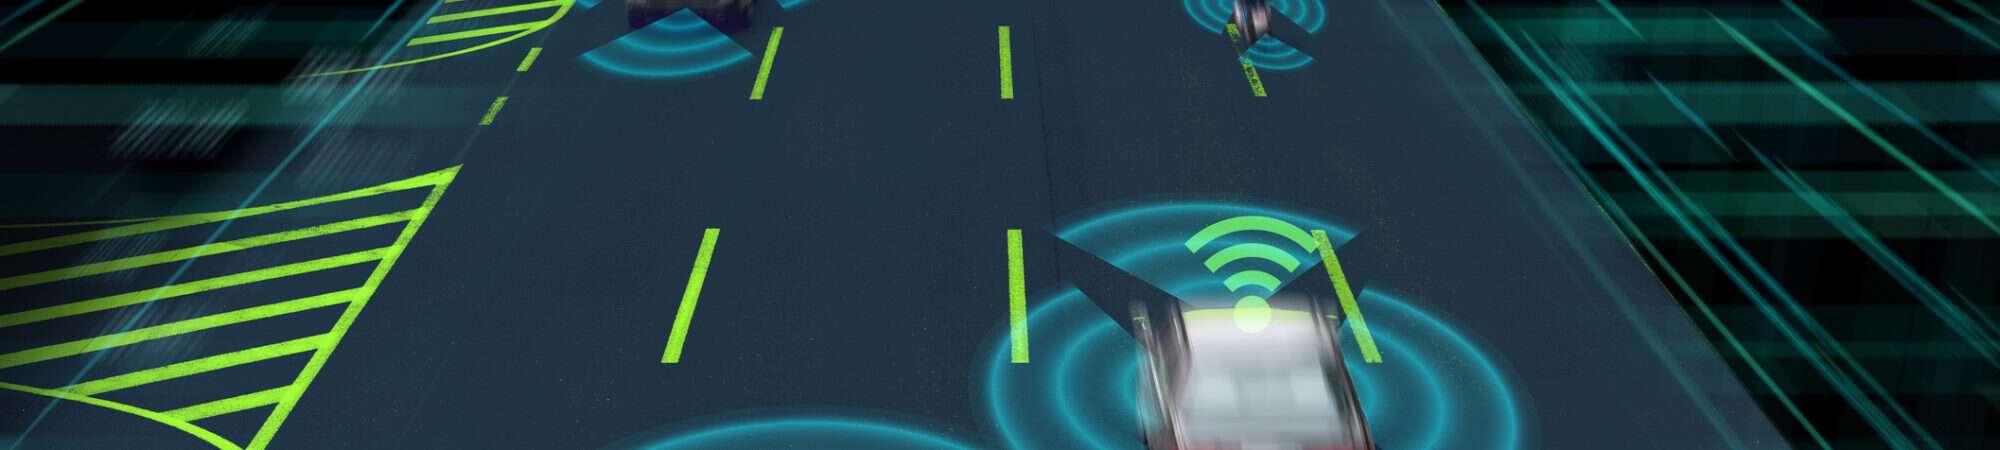 percepção certificável em carros autônomos pode ajudar na segurança, evitando acidentes